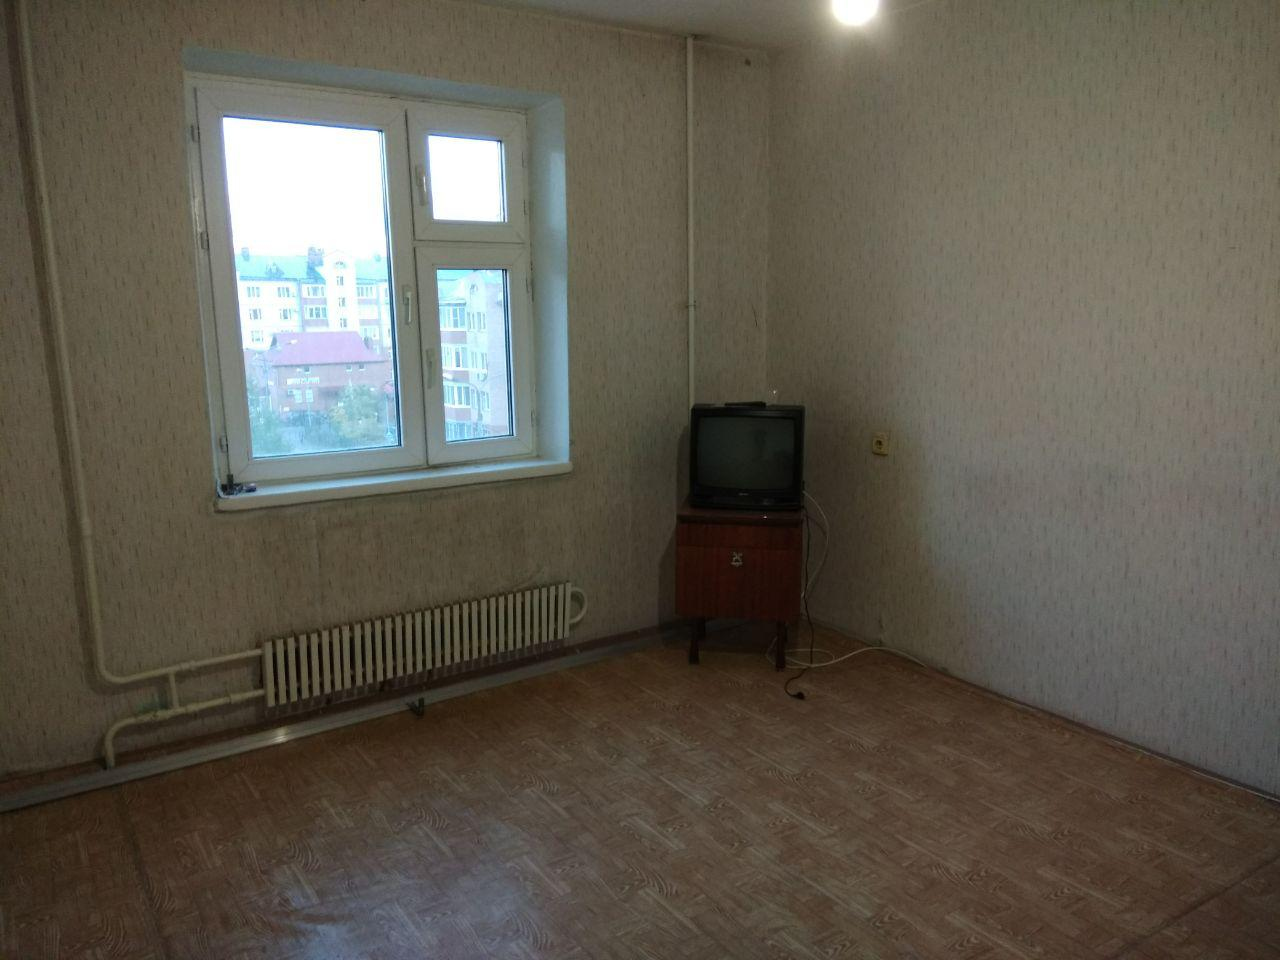 цена за квадратный метр в ново-савиновском районе казани пользователя